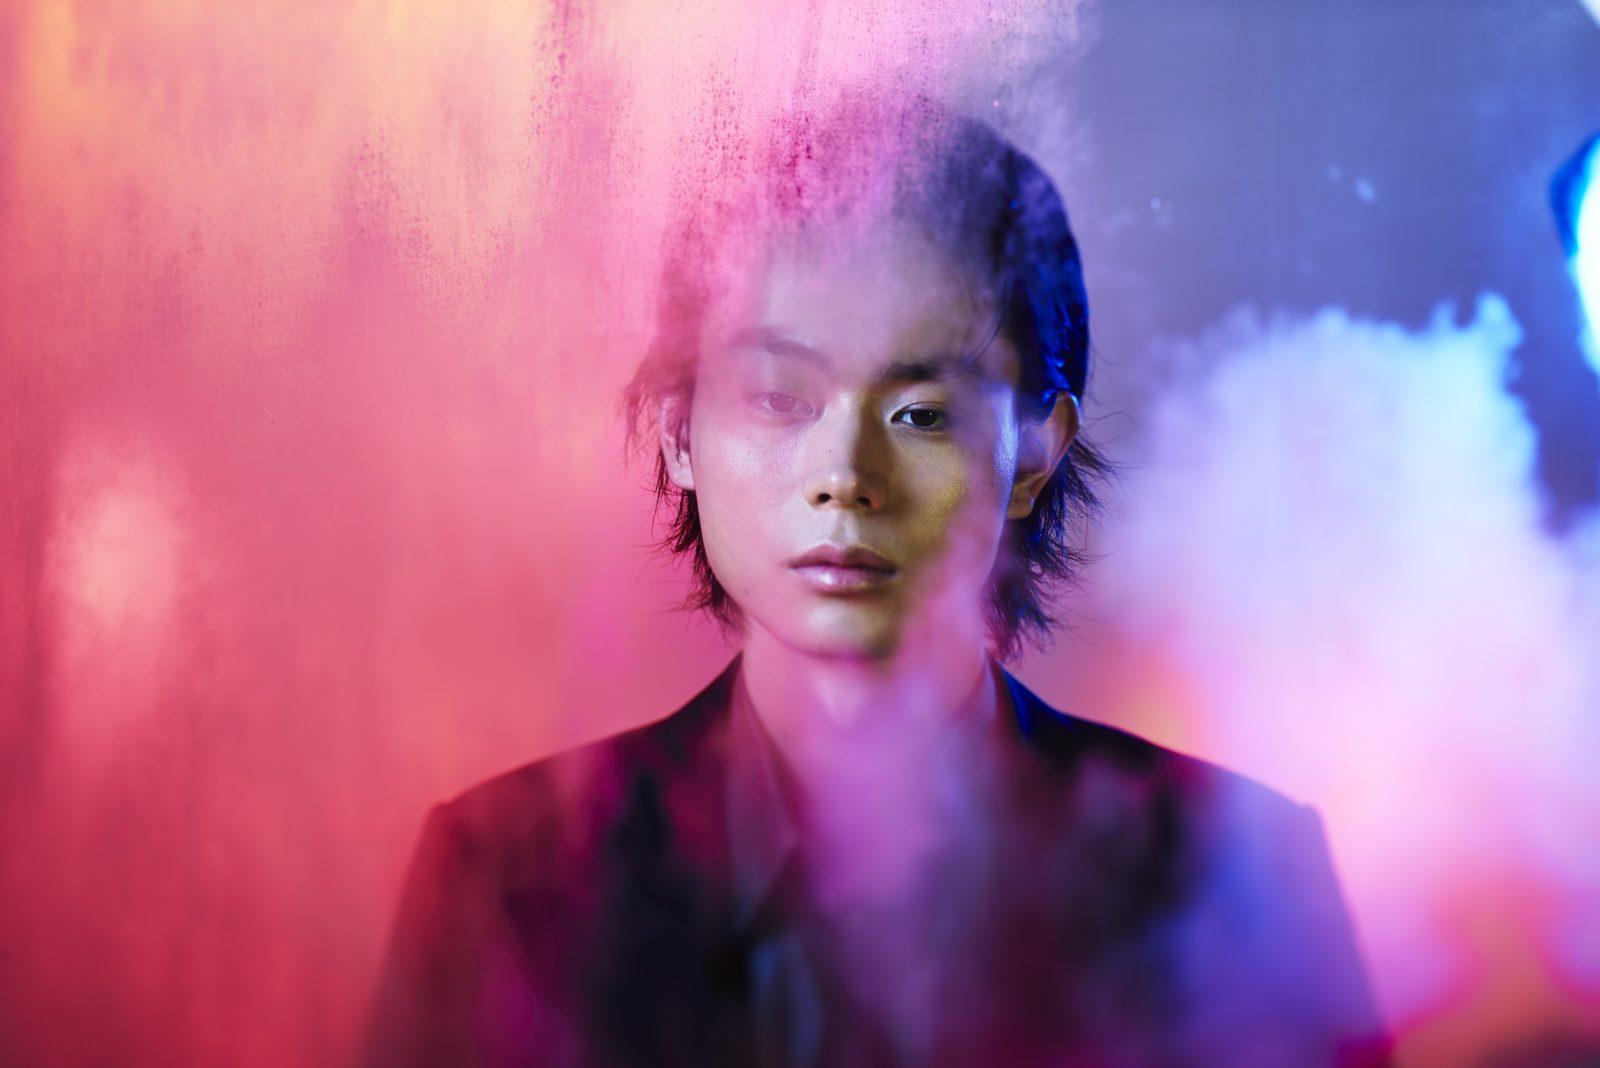 菅田将暉「なんか悲しい」ファン対応に言及、ネットでは「いいの?」「無理や…」の声サムネイル画像